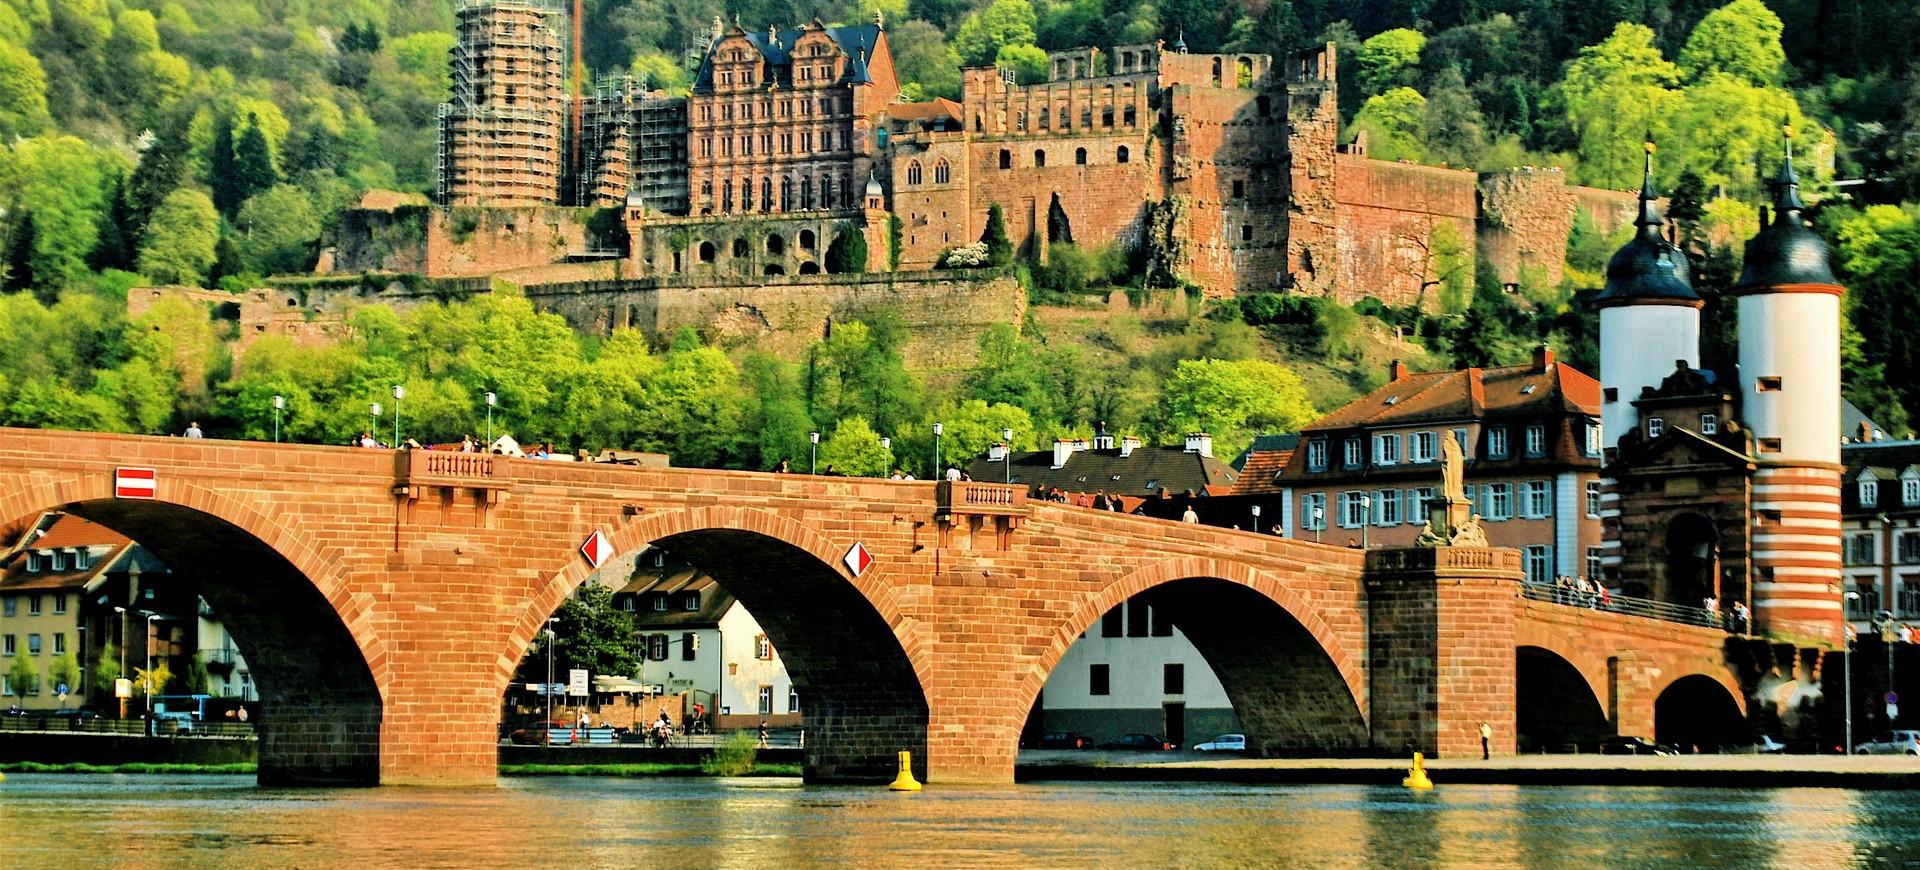 Rivière Necker et le Fort à Heidelberg en Allemagne